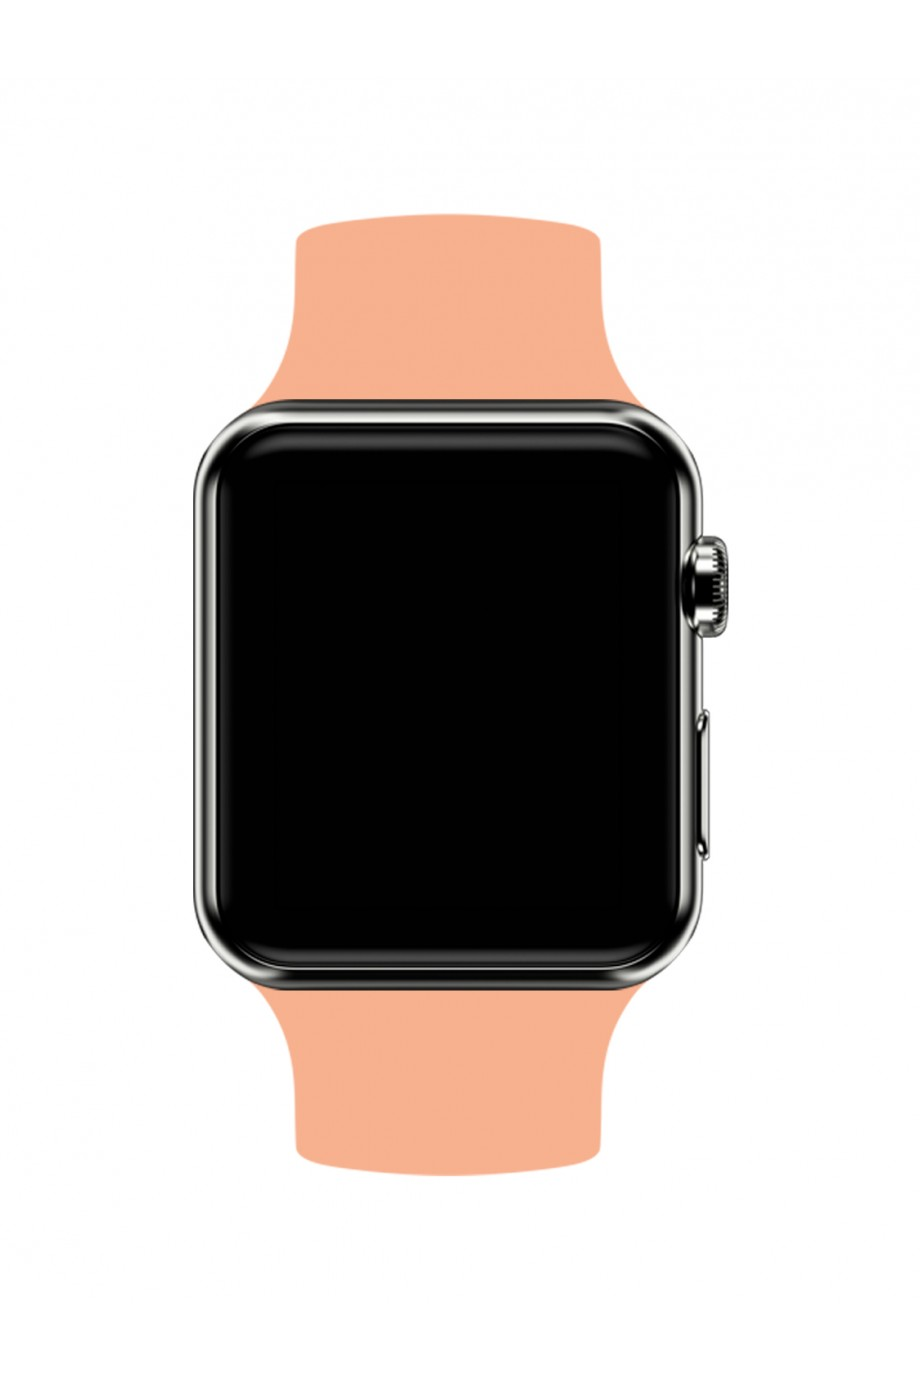 Силиконовый ремешок для Apple Watch 3 38 мм, персиковый